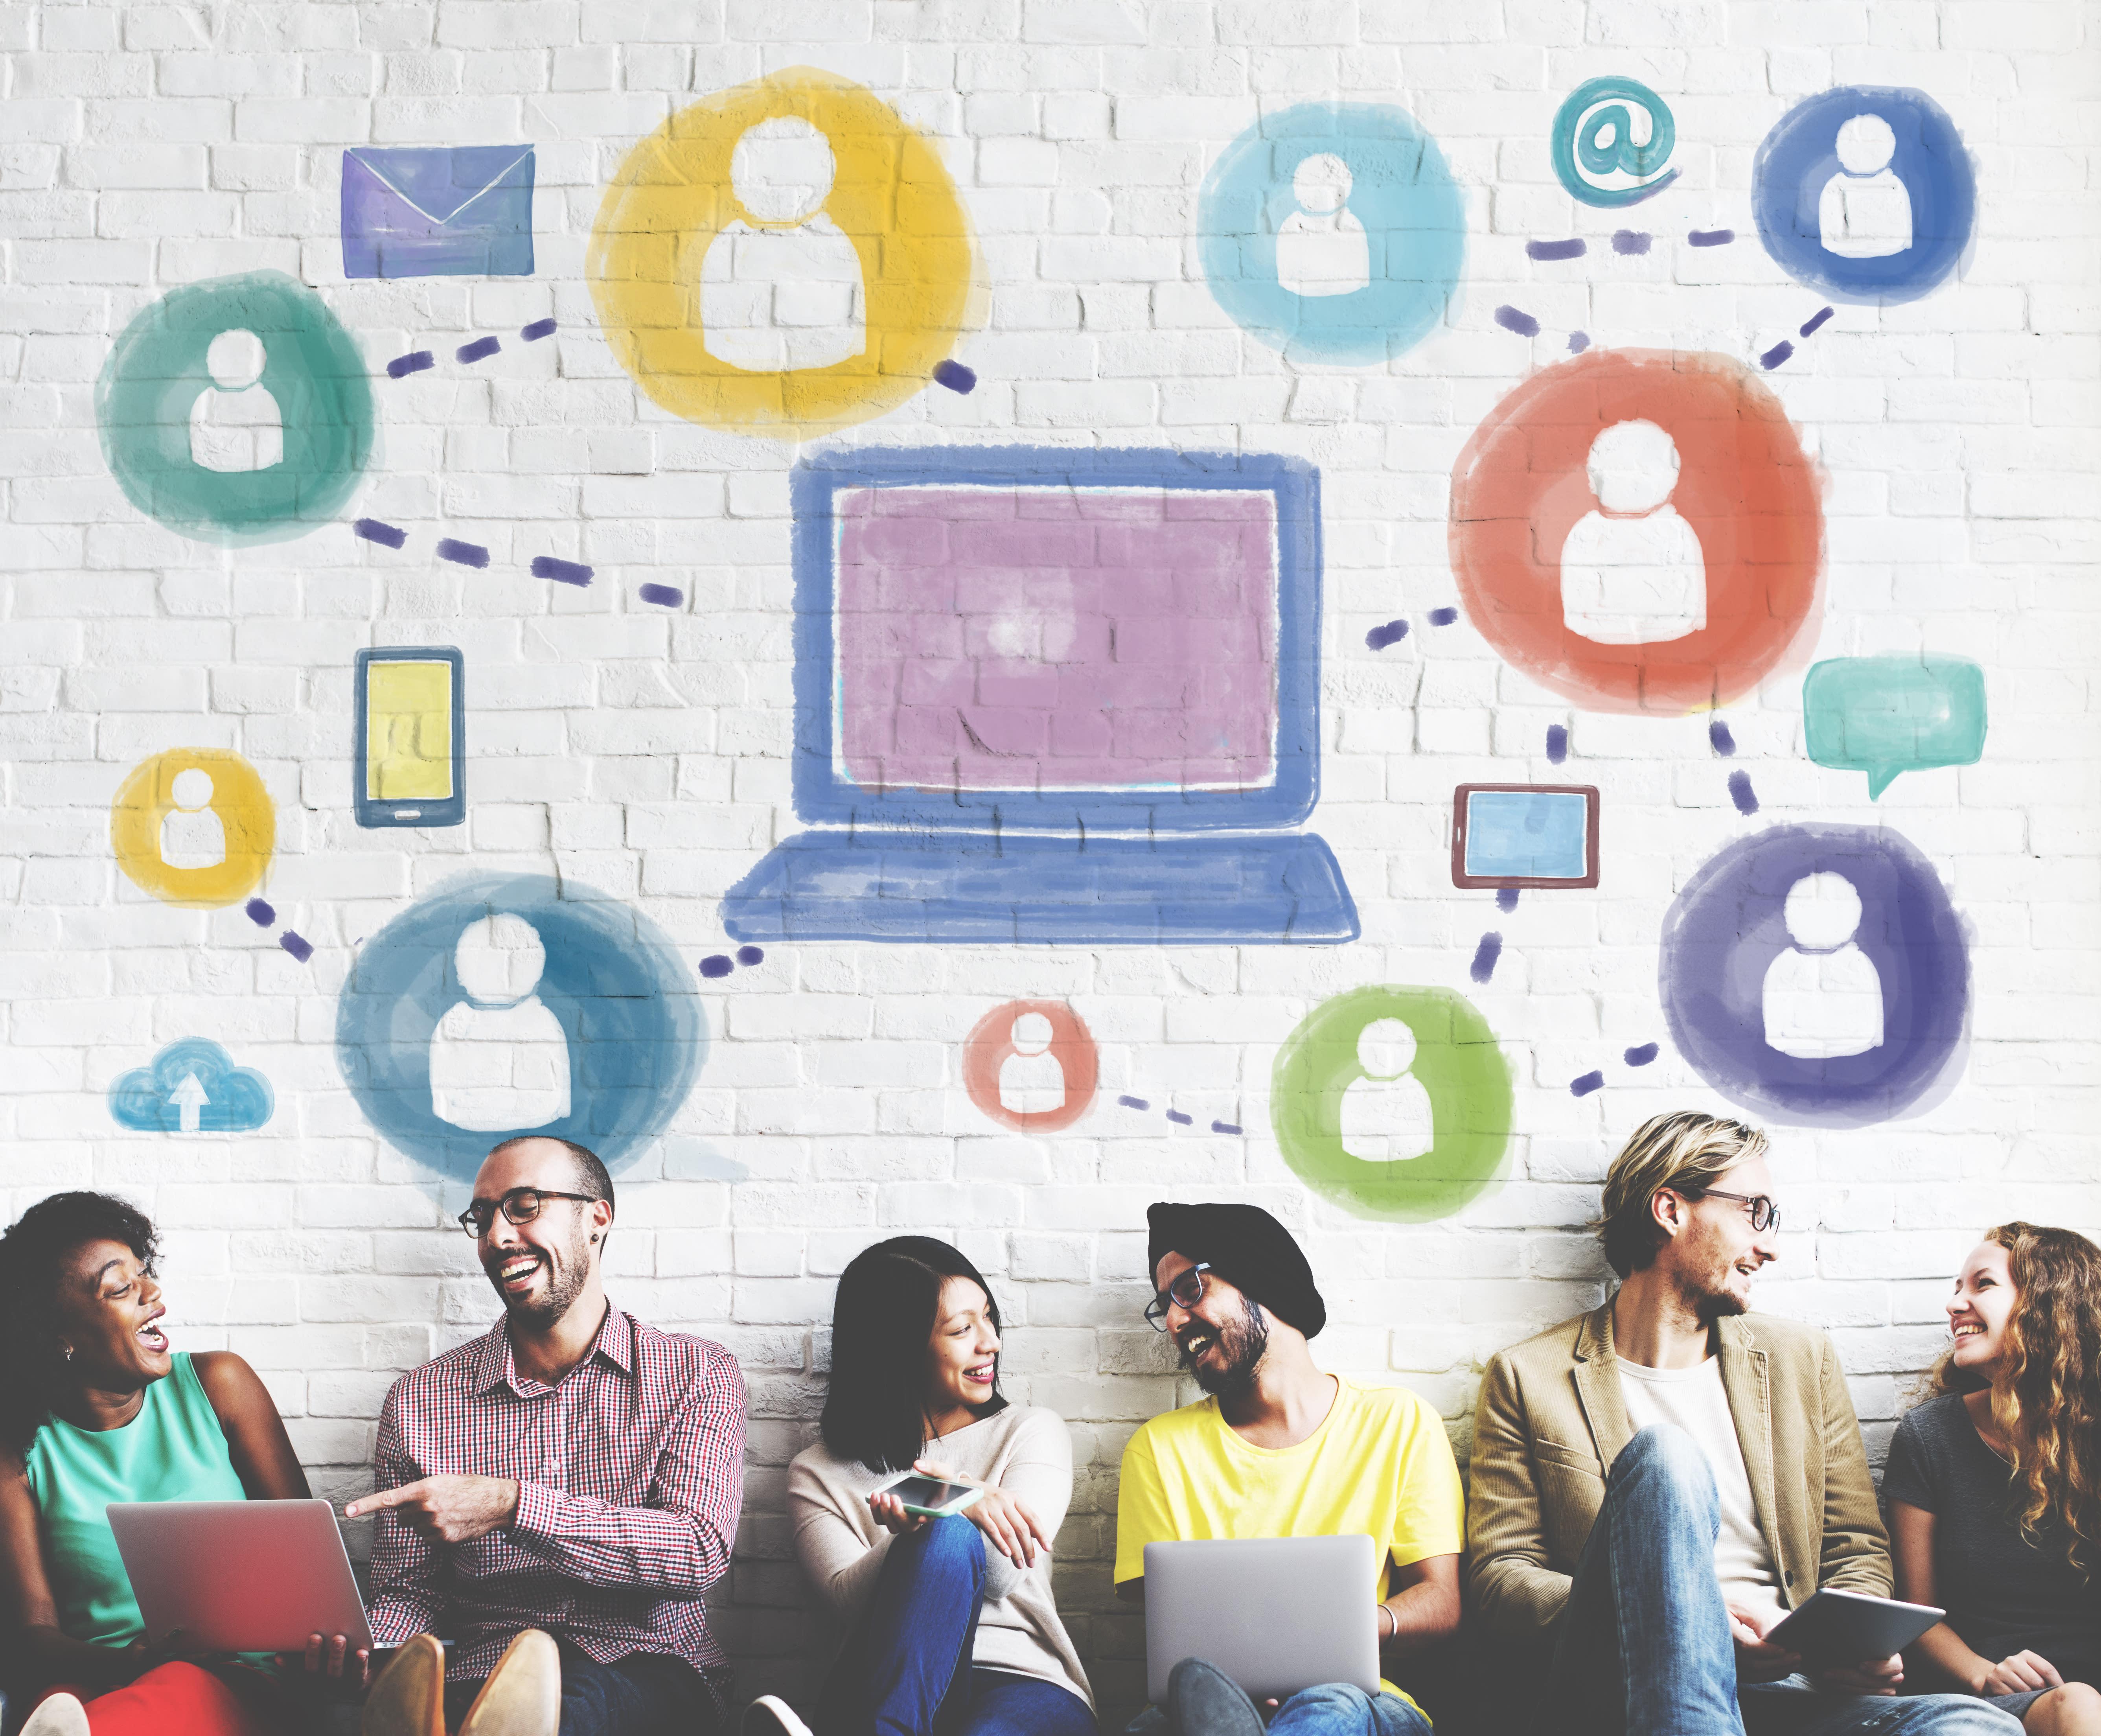 réseaux sociaux, marketing d'influence